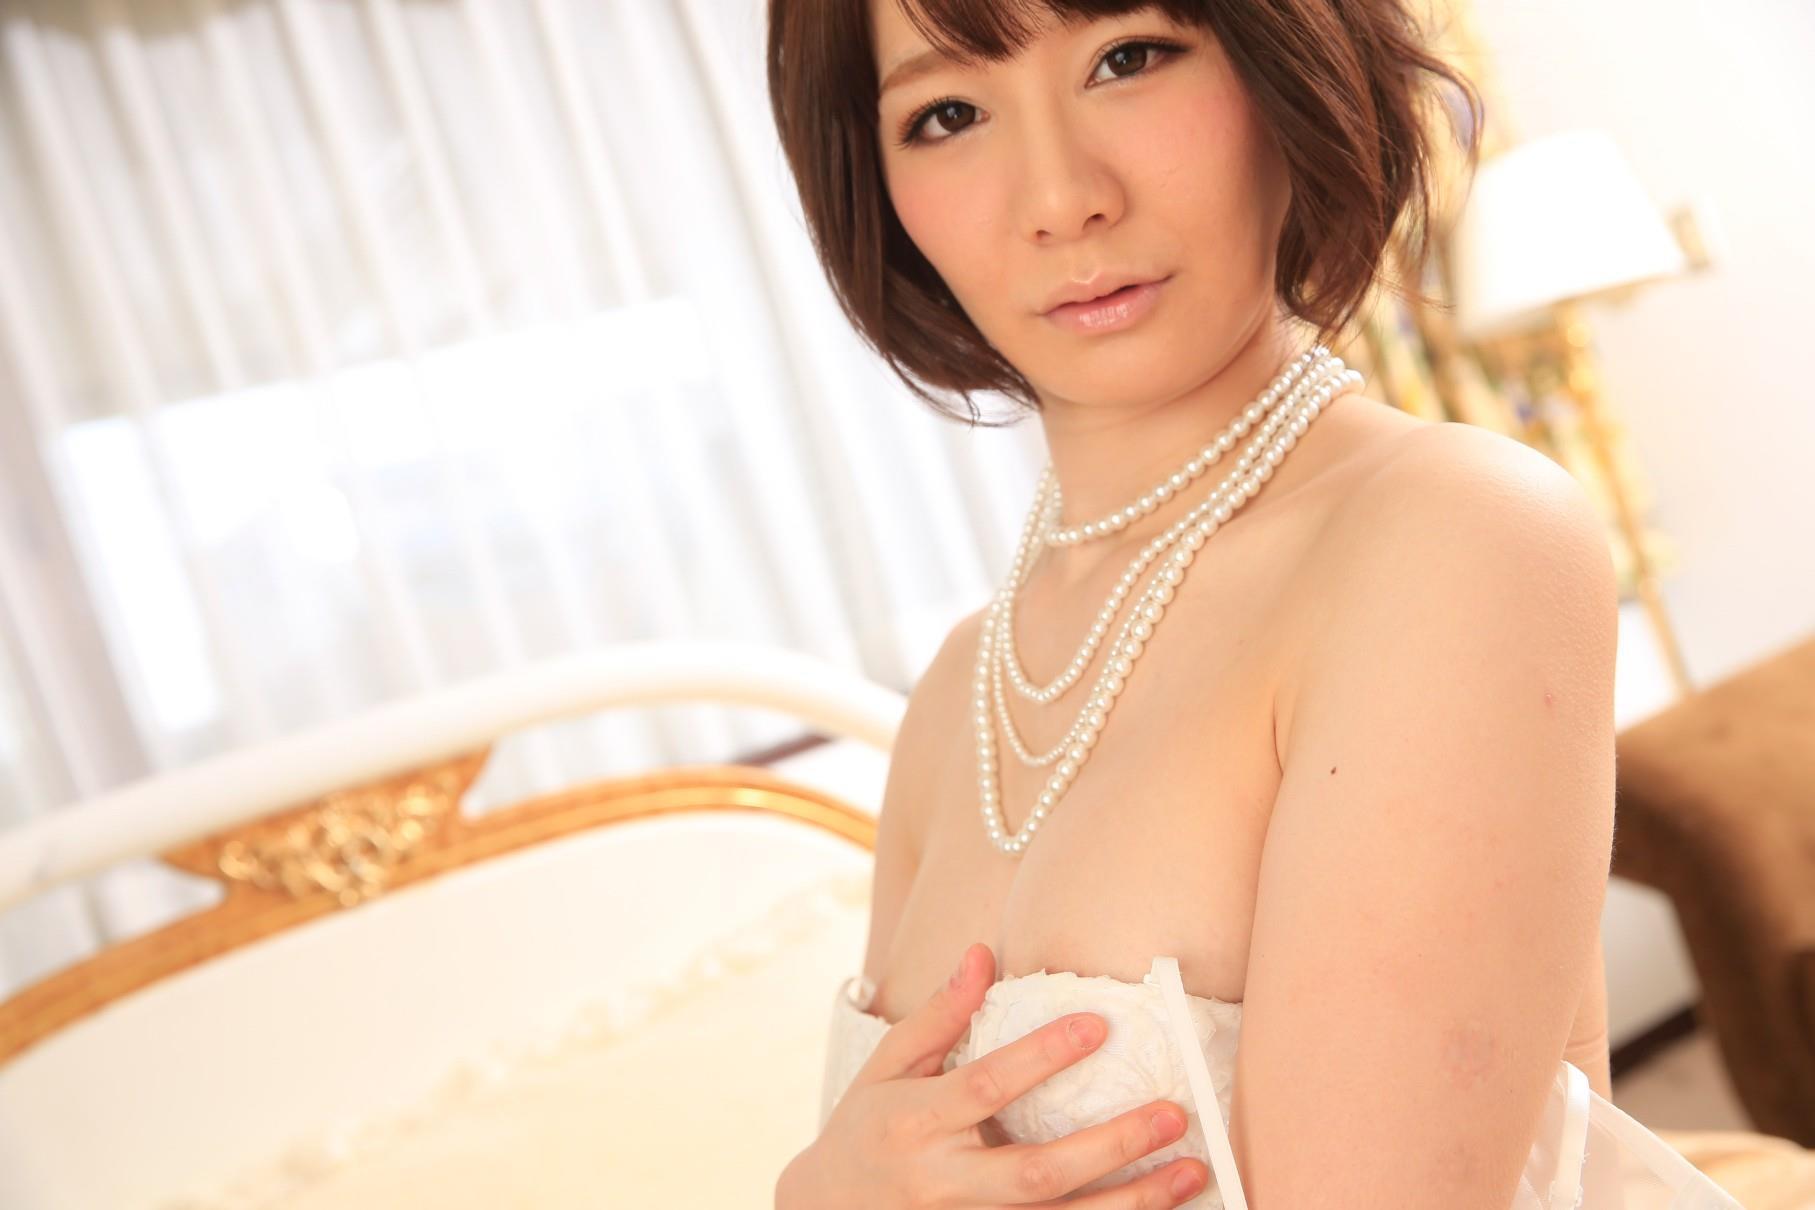 宮崎愛莉 画像 129